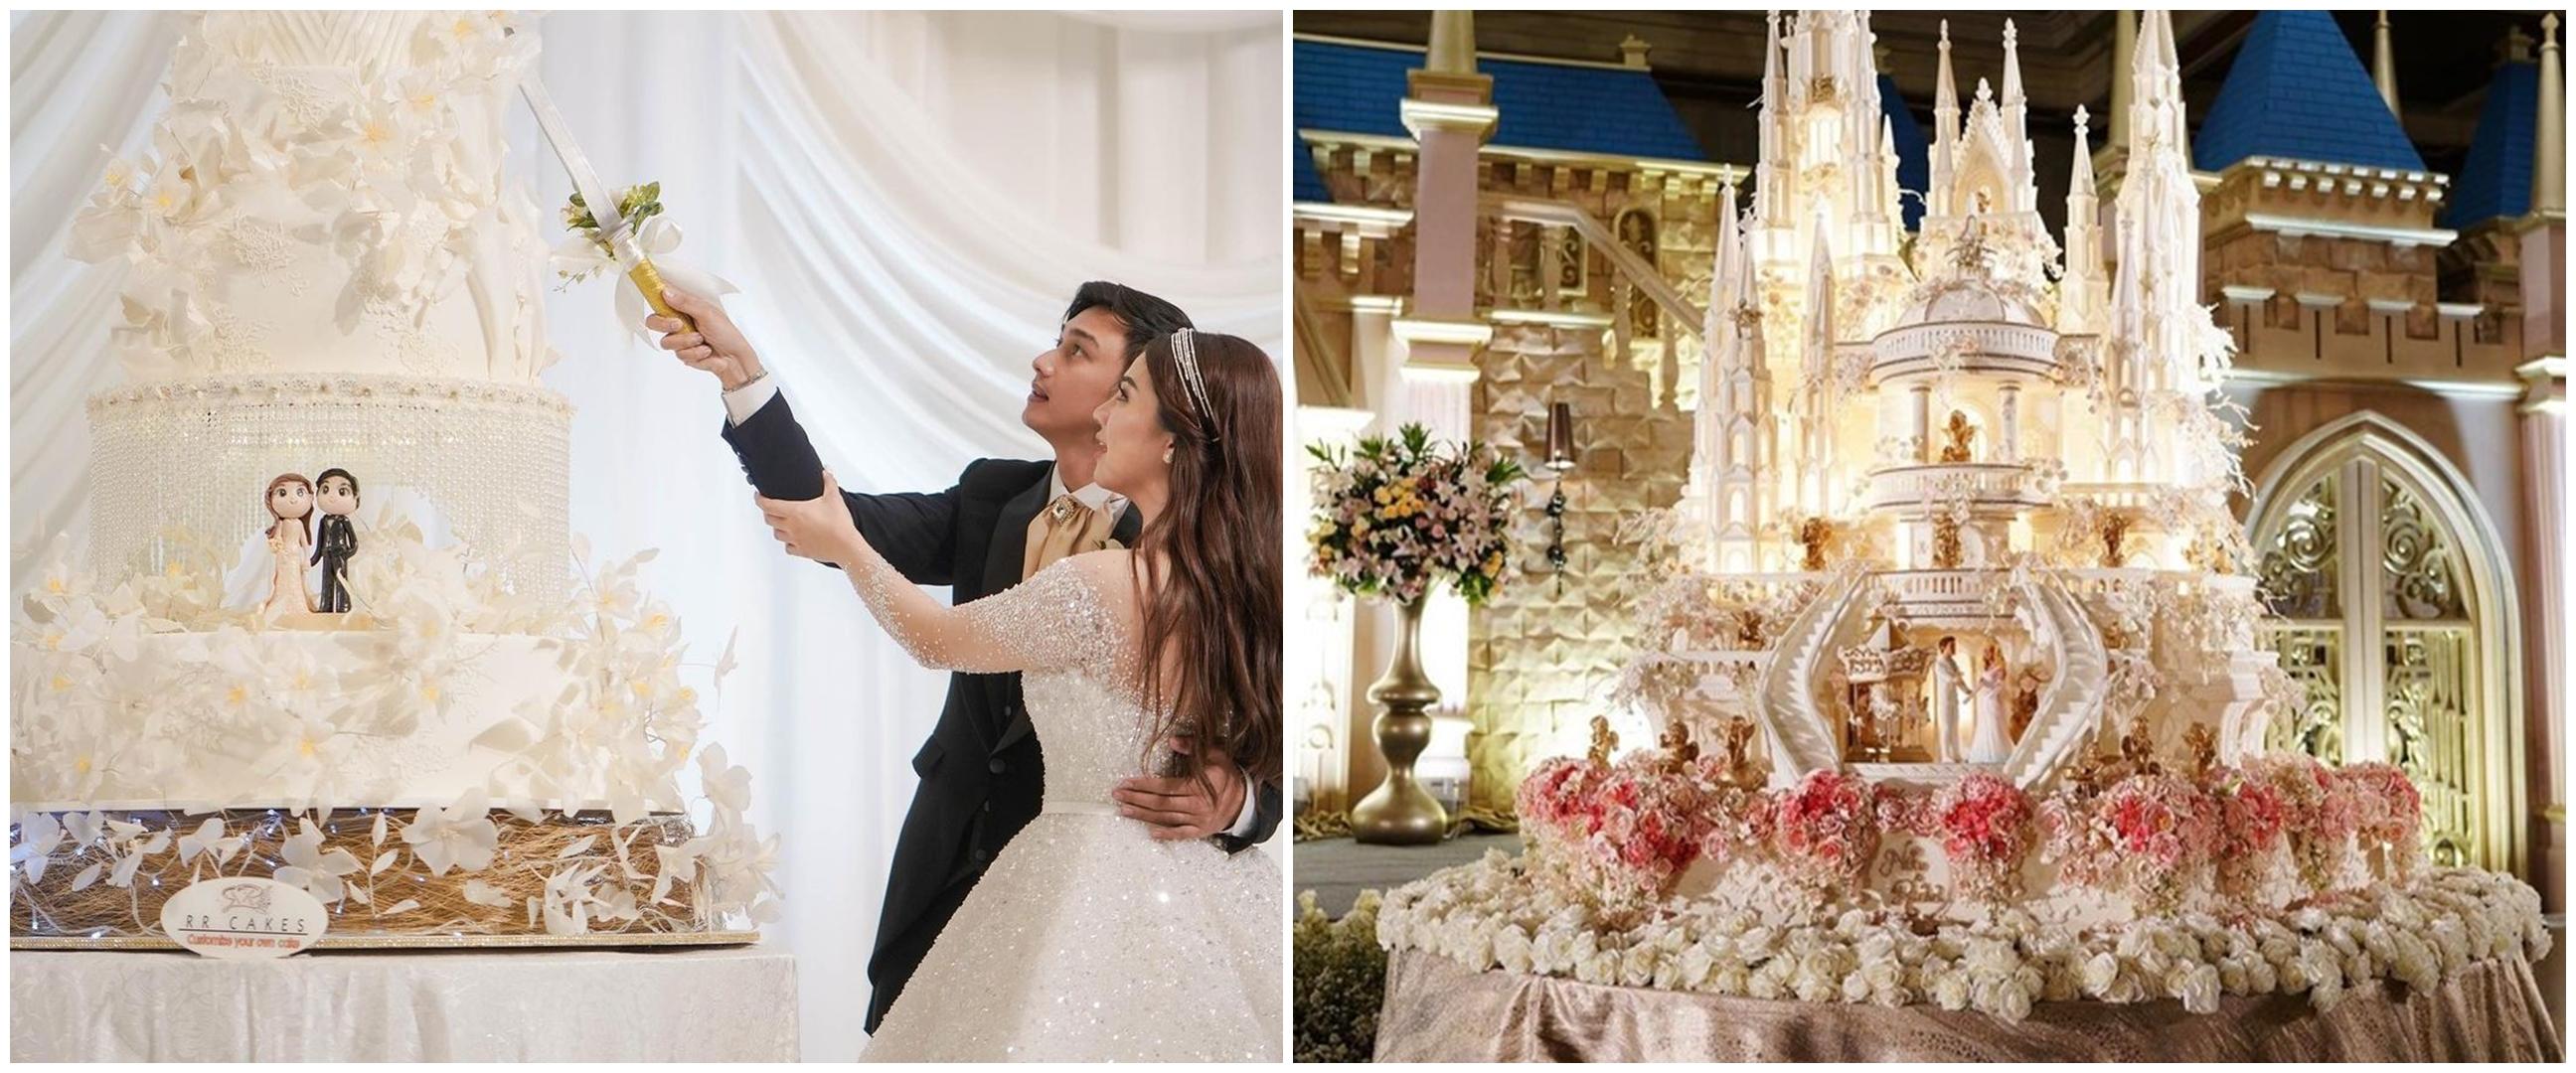 Potret kue pernikahan 10 seleb, punya Nabila Syakieb bertabur kristal